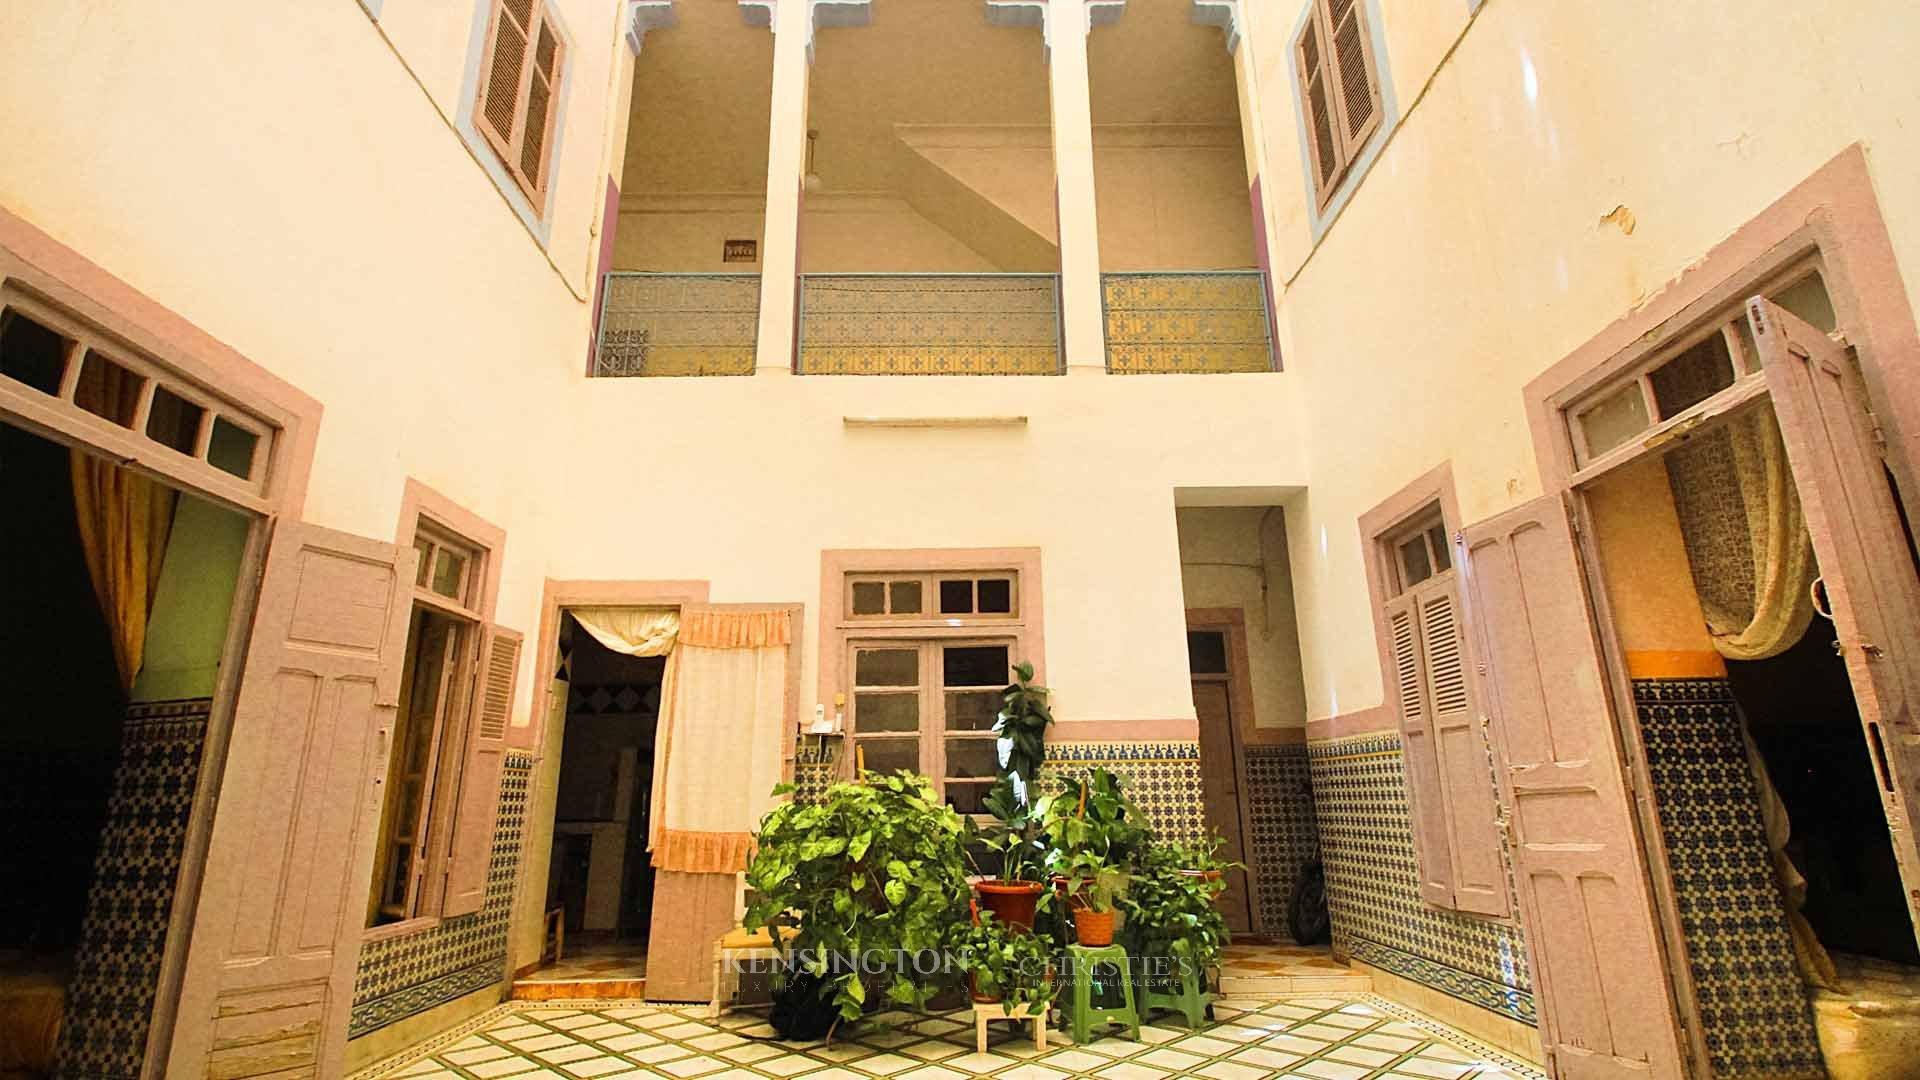 KPPM01255: Riad Hourya Riad Marrakech Morocco